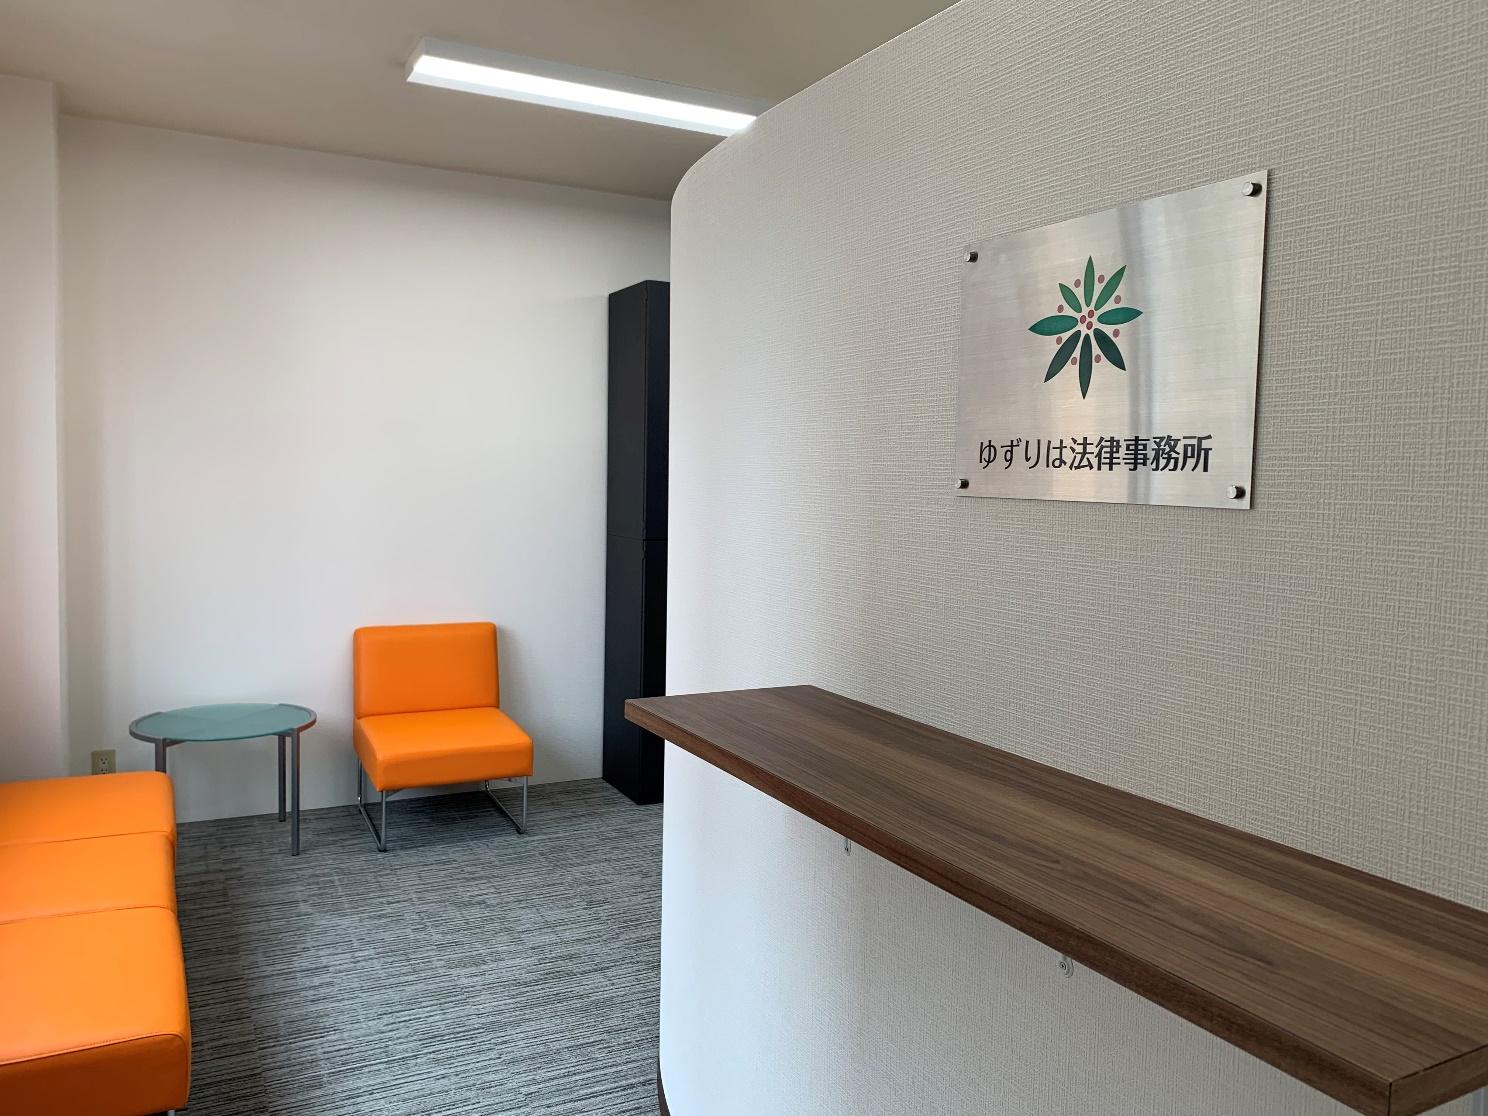 法律事務所独立開業に伴う、オフィスづくり。落ち着いた雰囲気のオフィスとなりました。